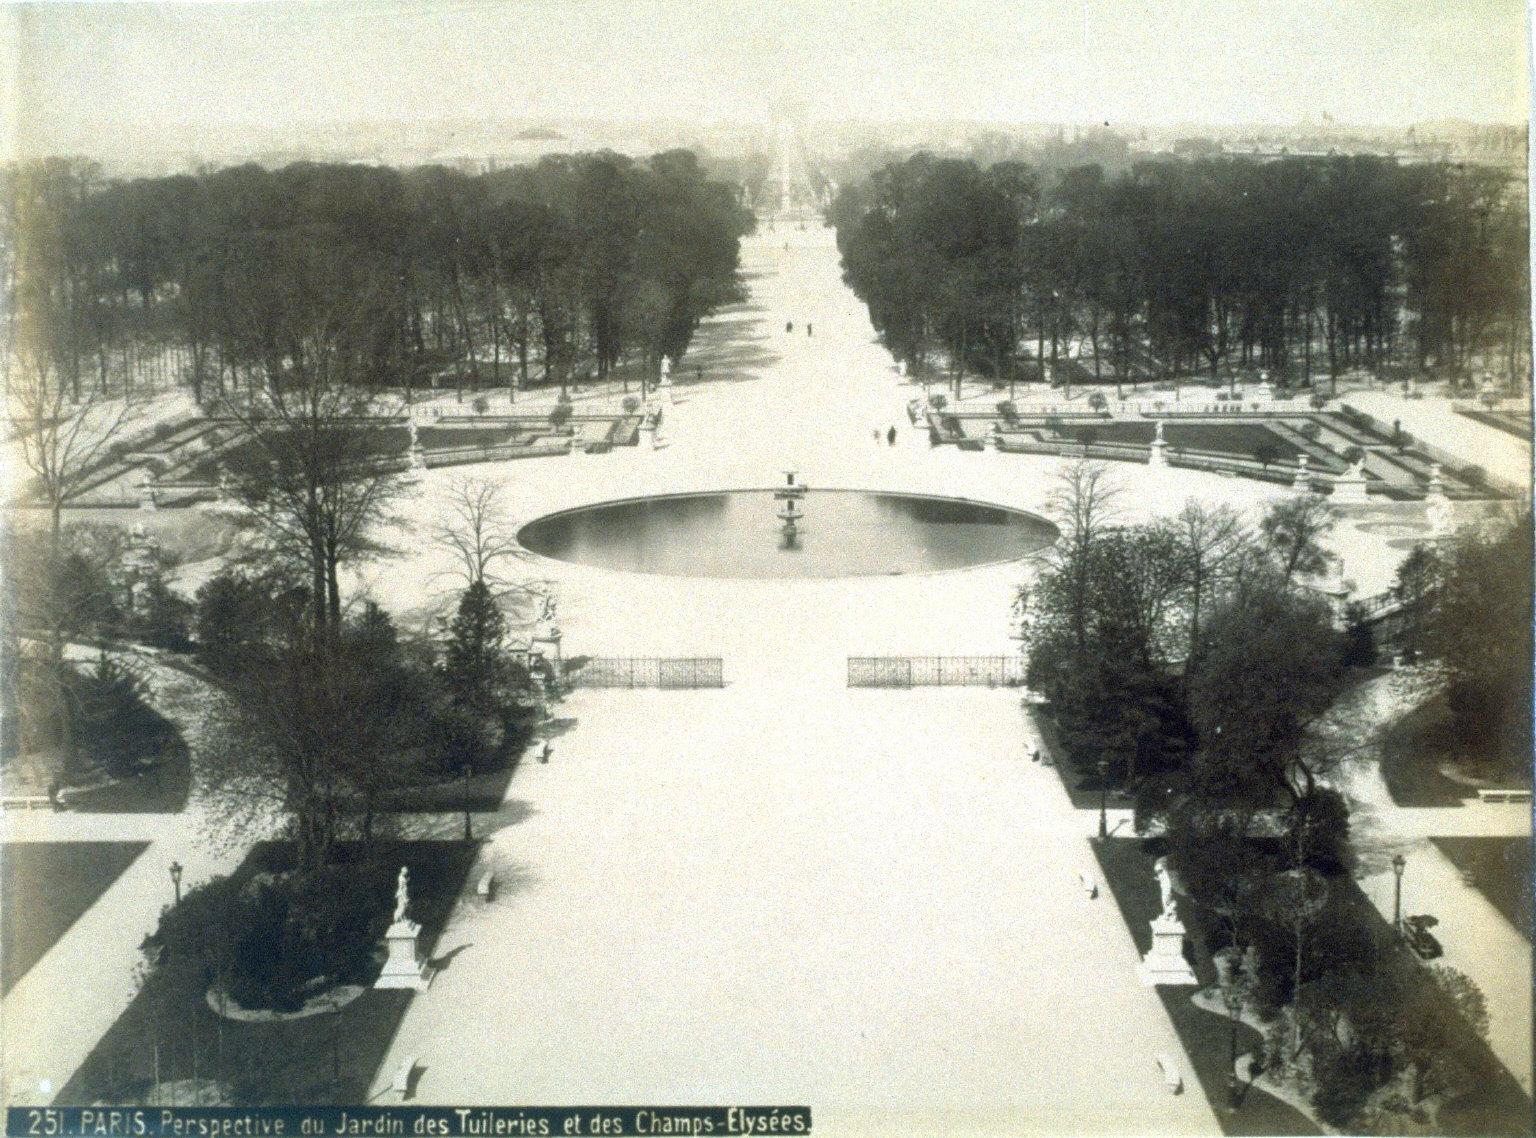 Paris, Perspective du Jardin des Tuileries et des Champs-Elysées ( Paris, View of the Garden of the Tuileries and the Champs-Elysées)